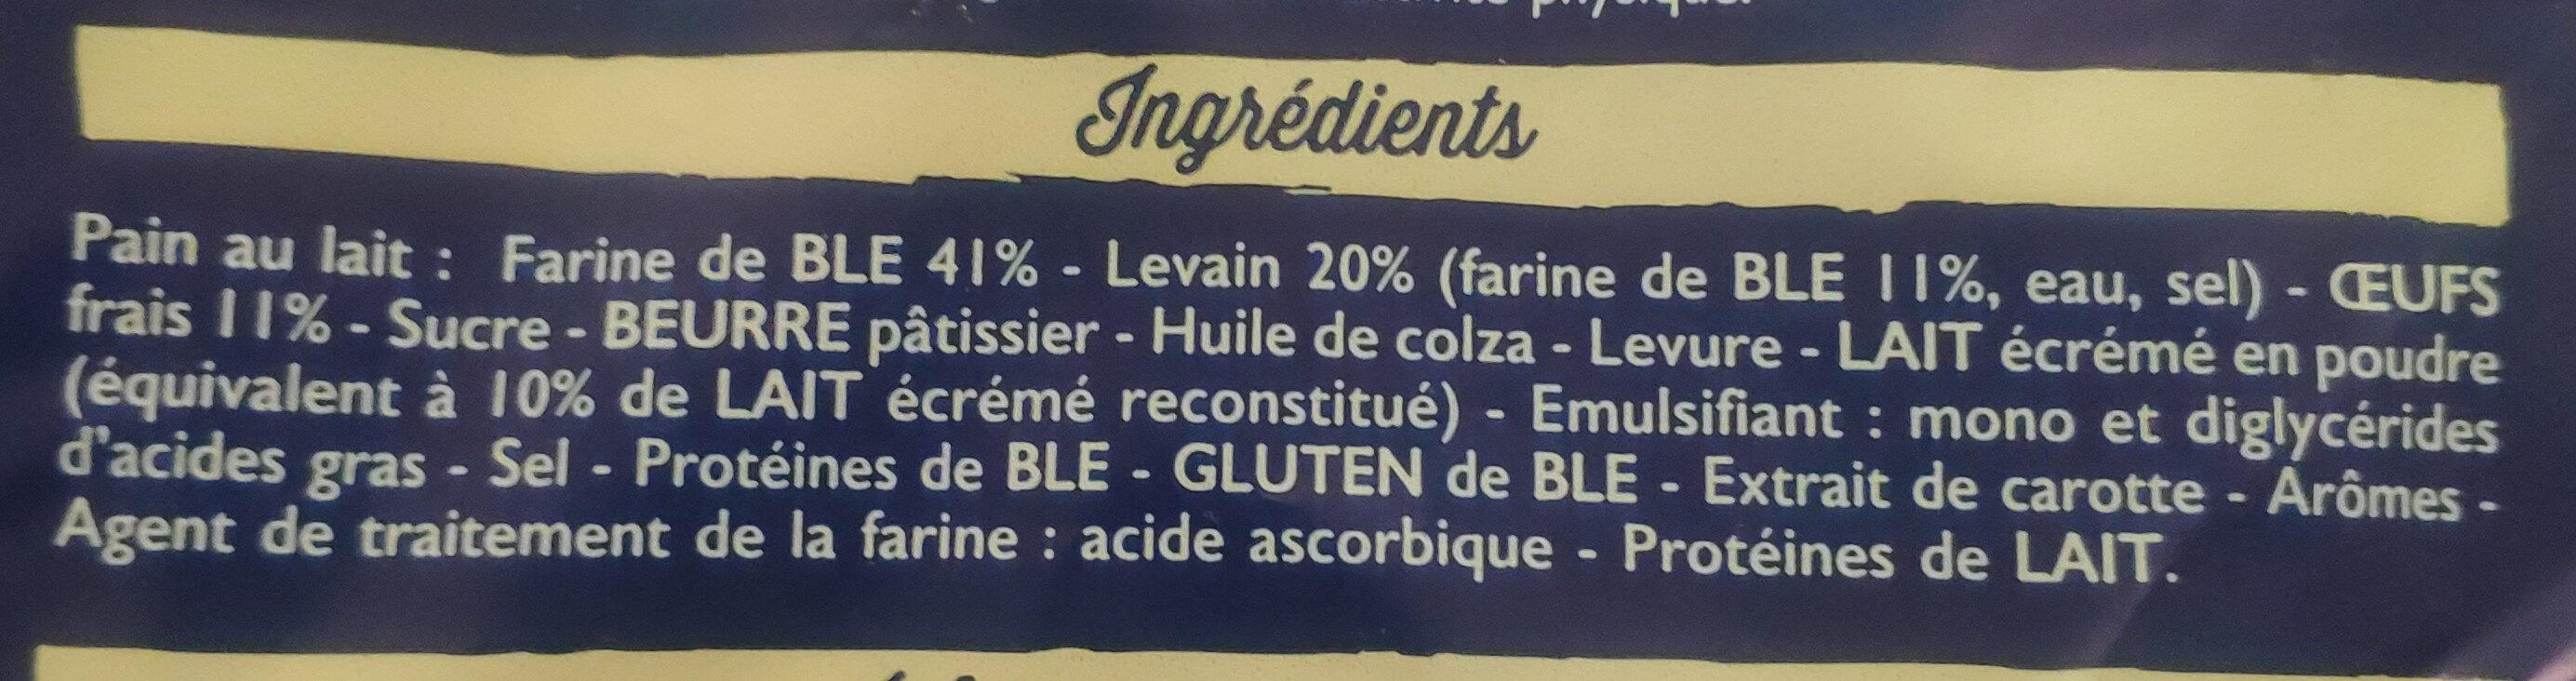 20 Pains au lait au levain (Maxi Familial) - Ingrediënten - fr